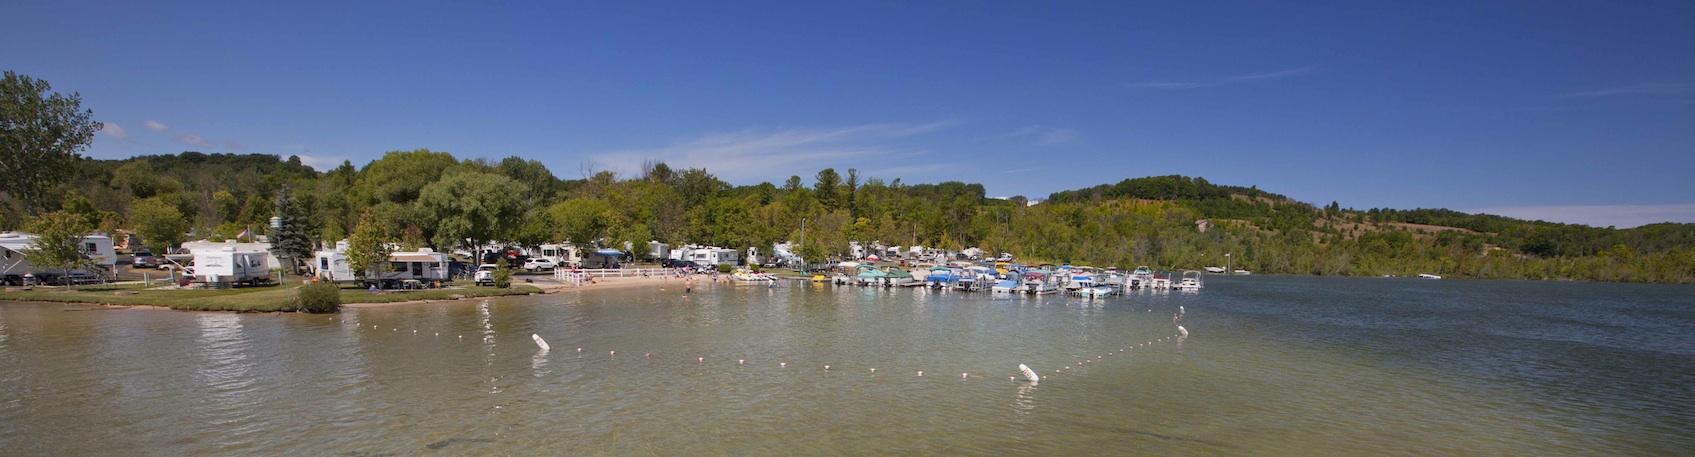 park-beach